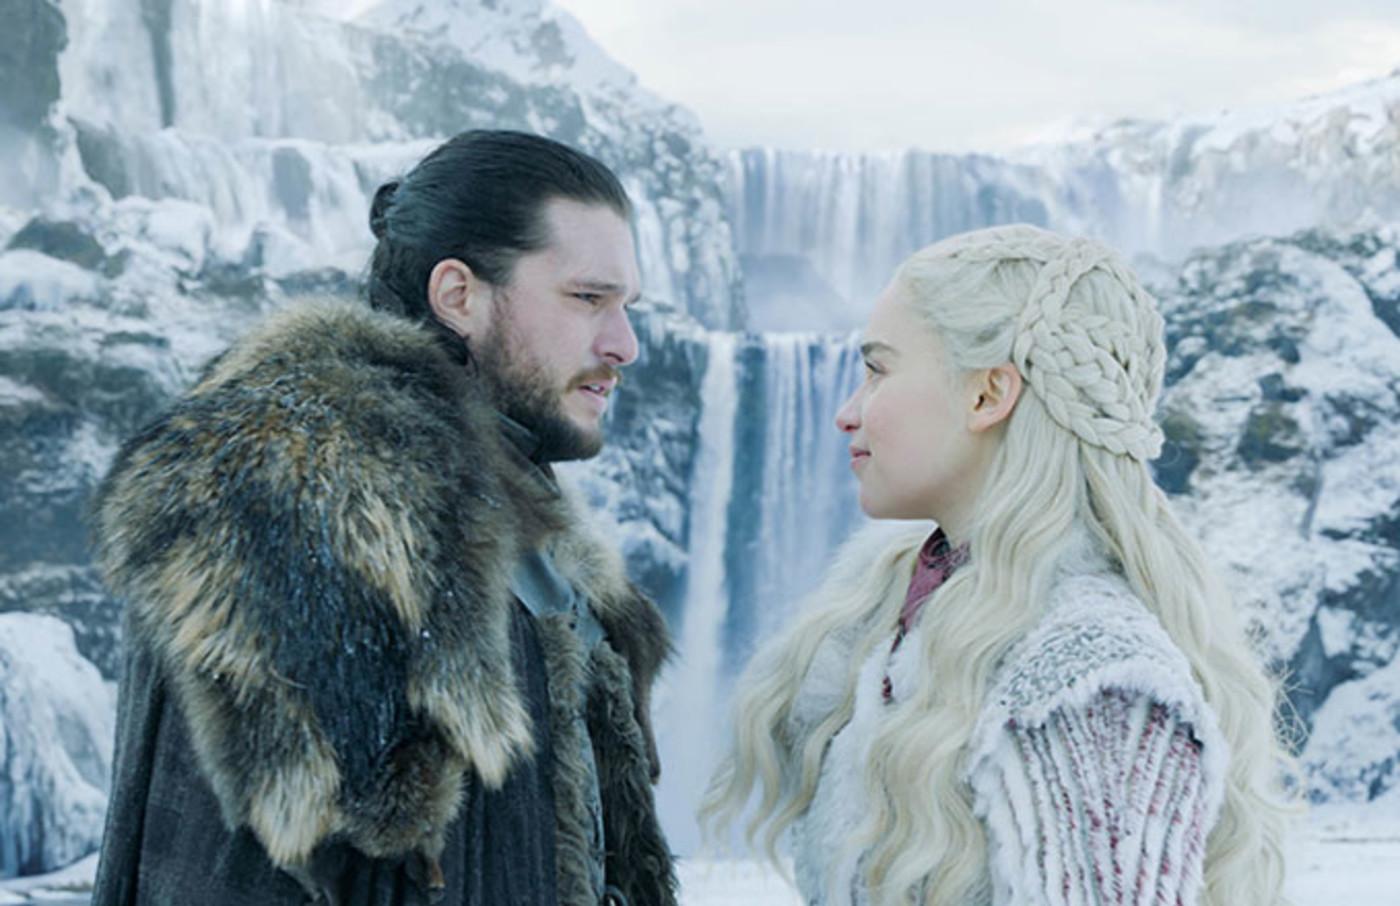 Σειρά prequel του Game of Thrones: Πότε κάνει ντεμπούτο;